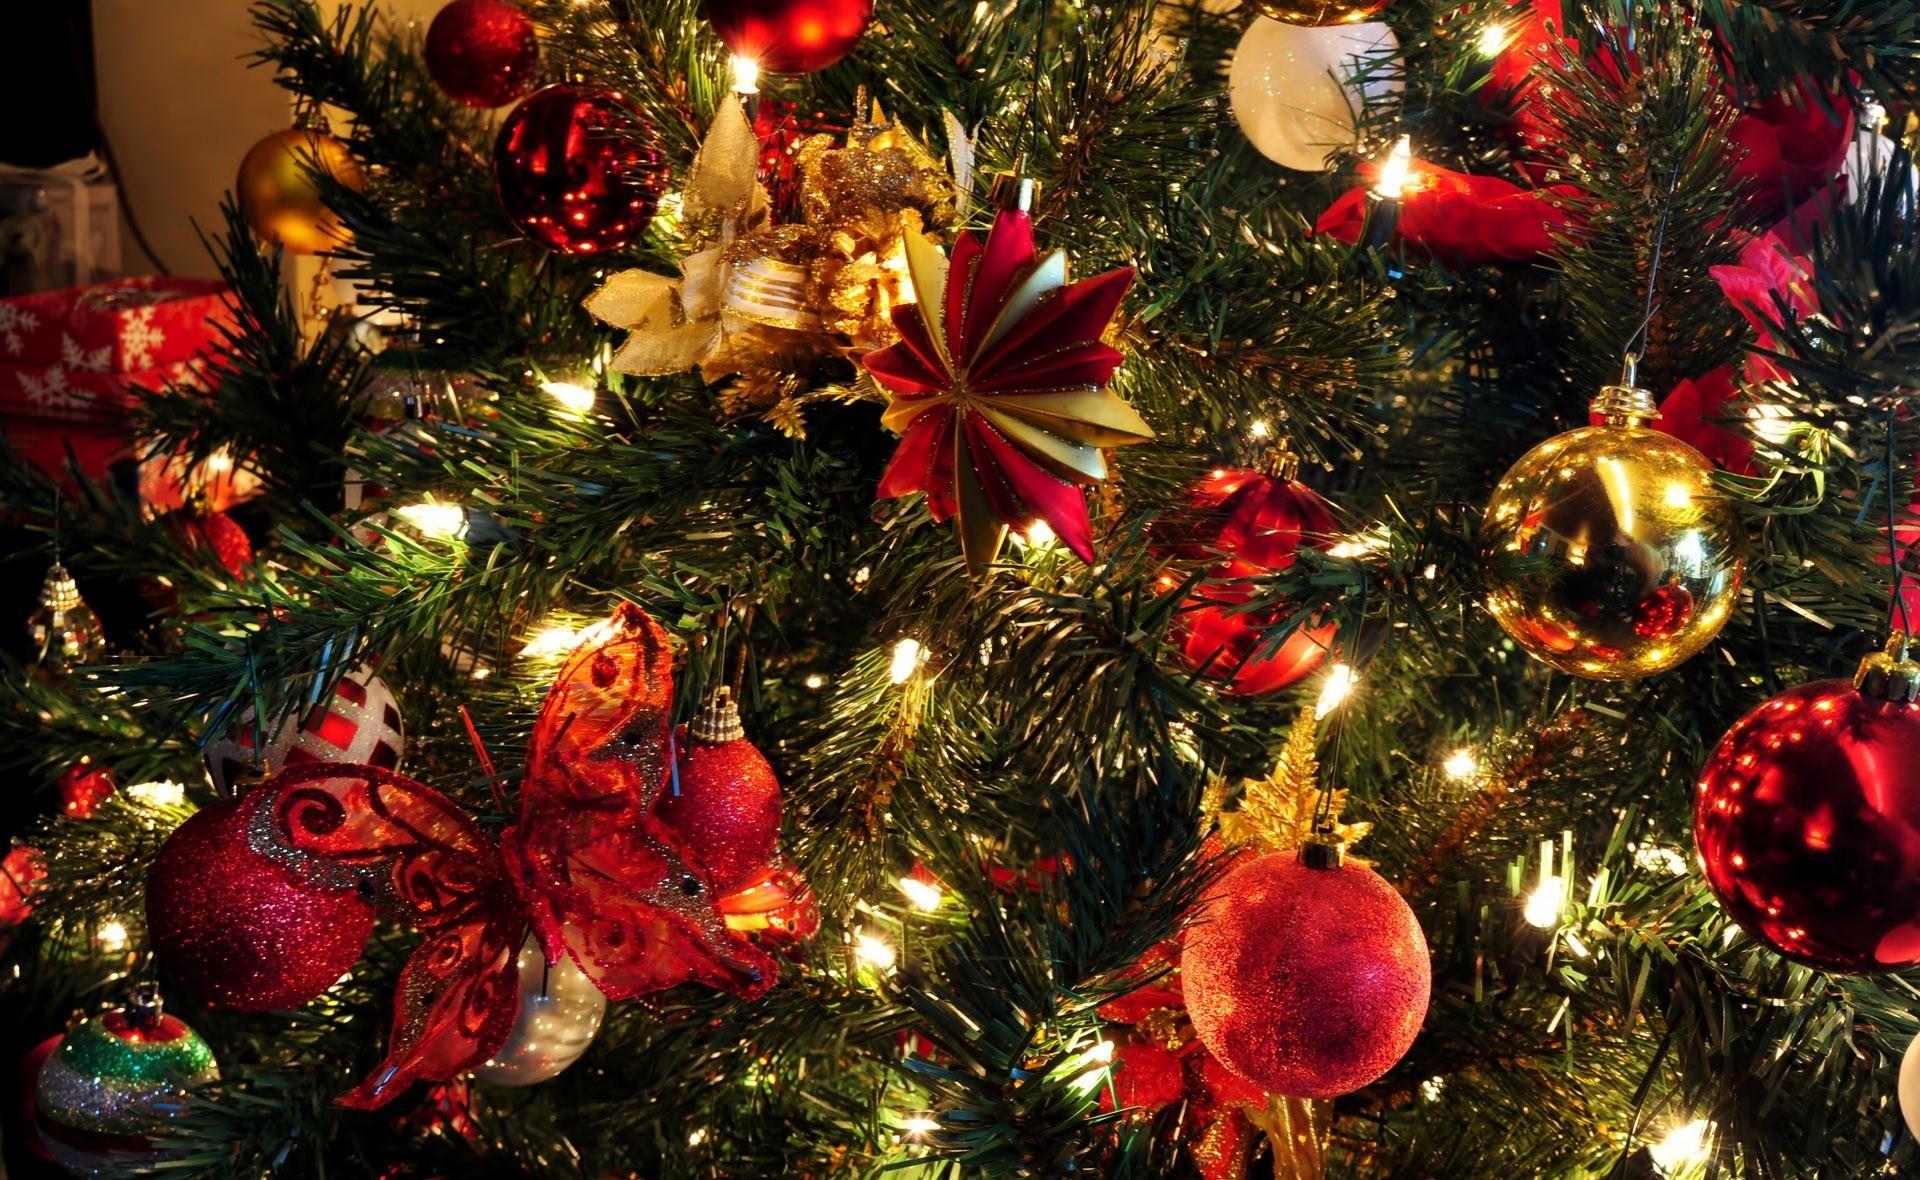 97887 скачать обои Елка, Праздники, Игрушки, Рождество, Новый Год, Праздник, Гирлянда - заставки и картинки бесплатно